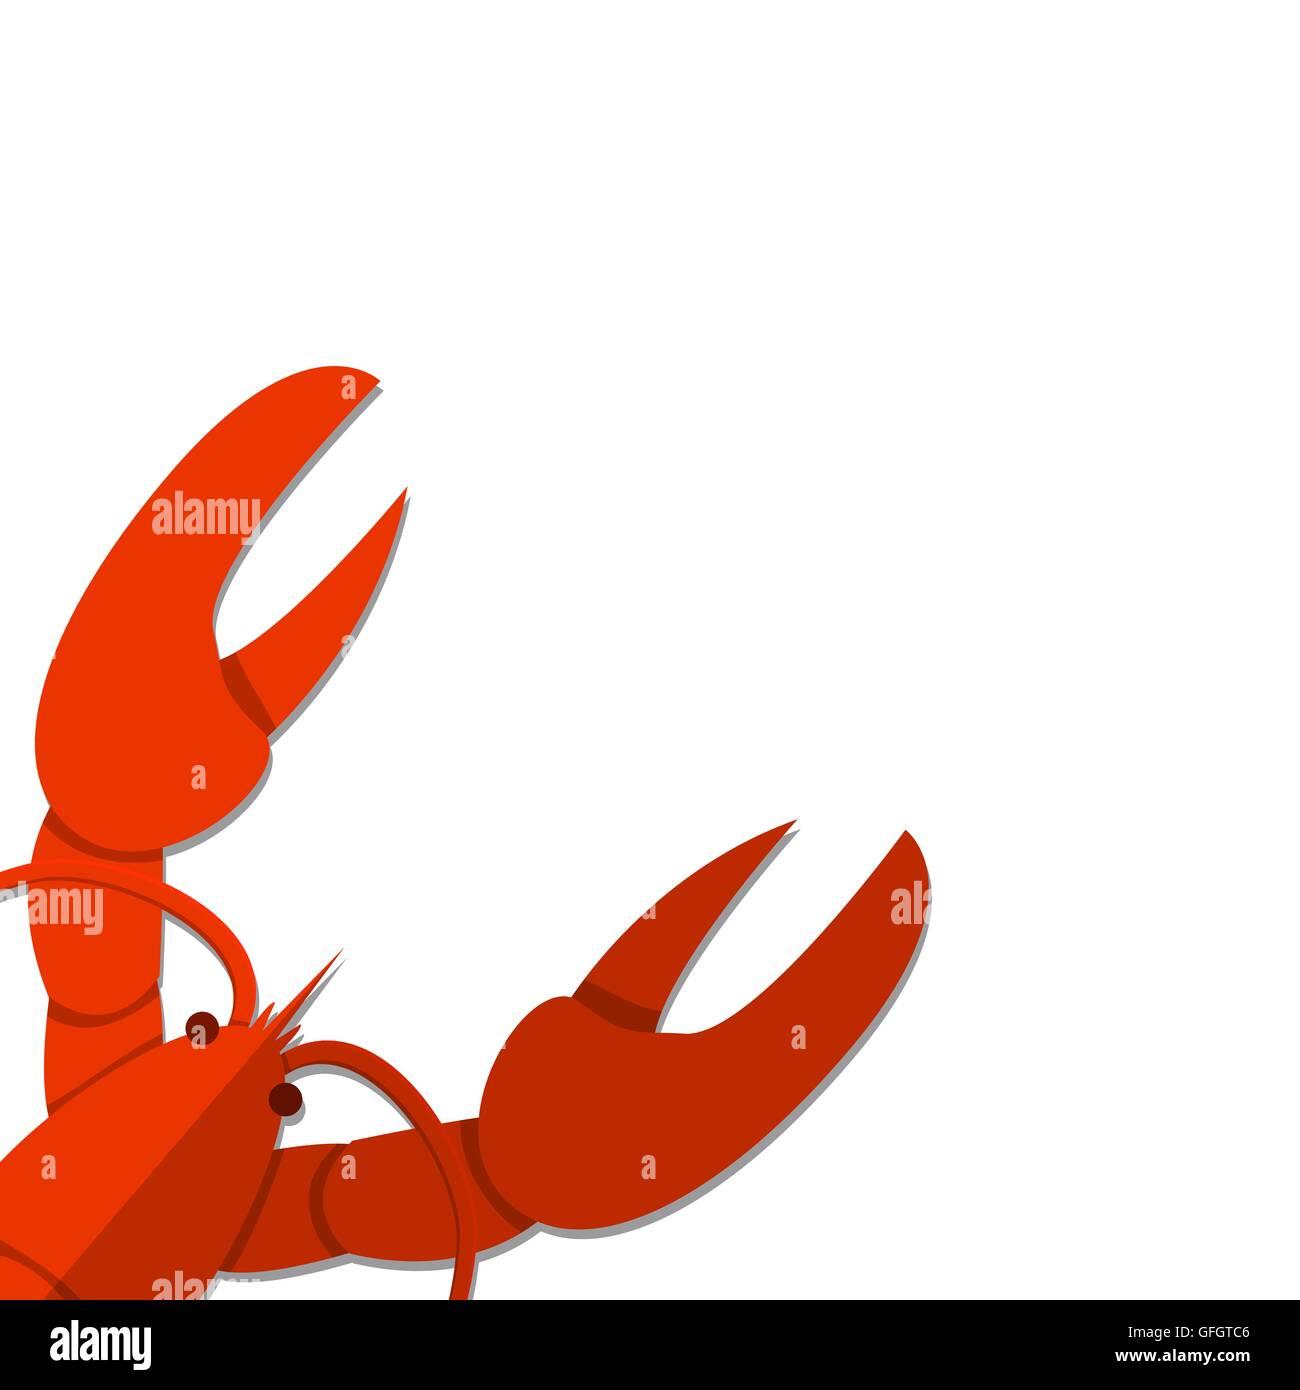 Illustration Cartoon Crayfish Stockfotos & Illustration Cartoon ...